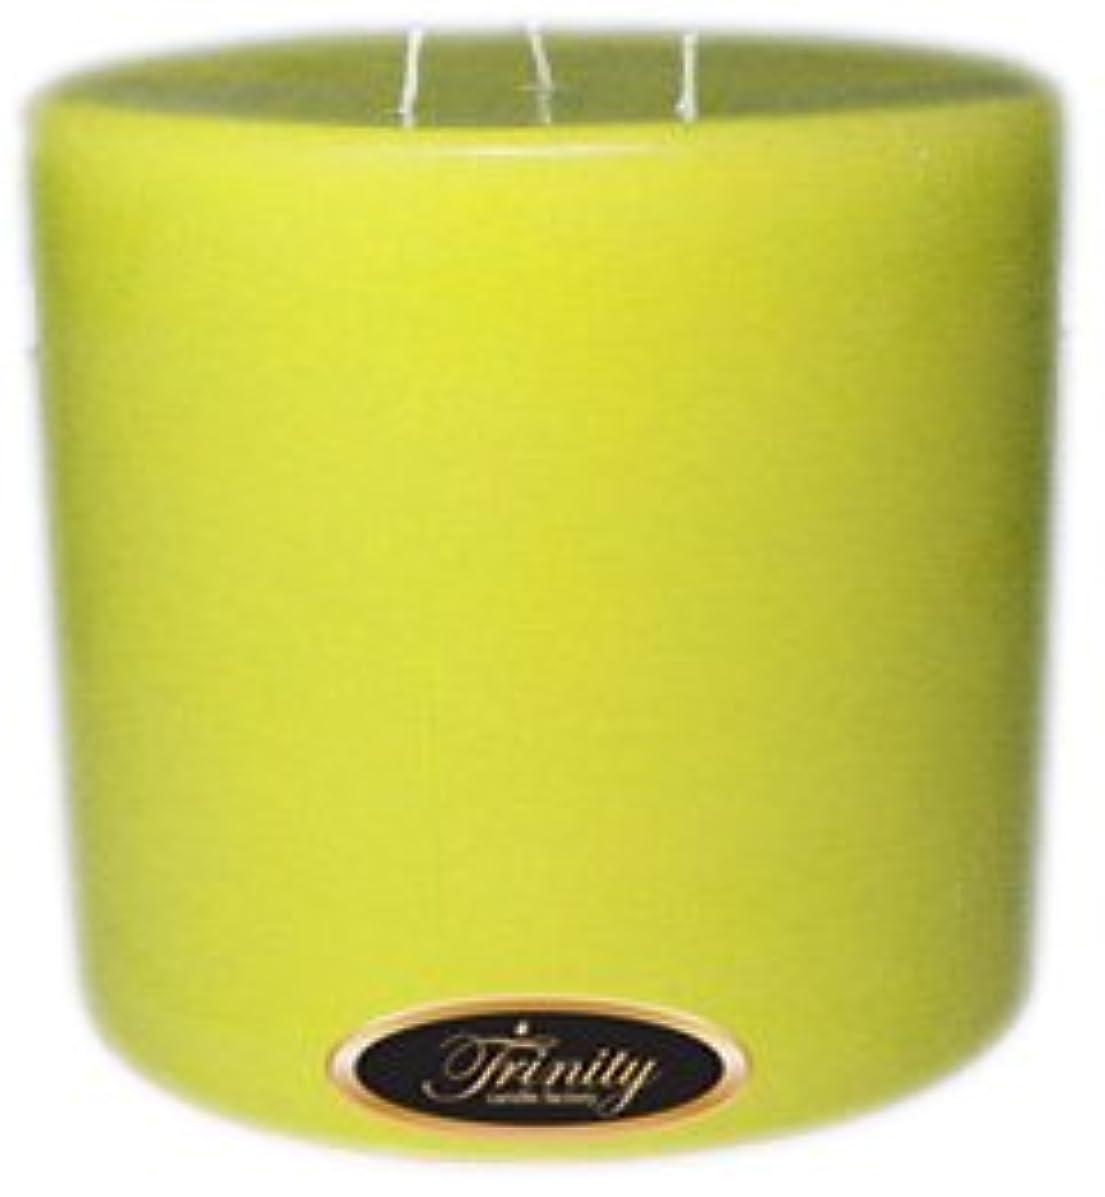 機会待つ浪費Trinity Candle工場 – レモンシフォン – Pillar Candle – 6 x 6